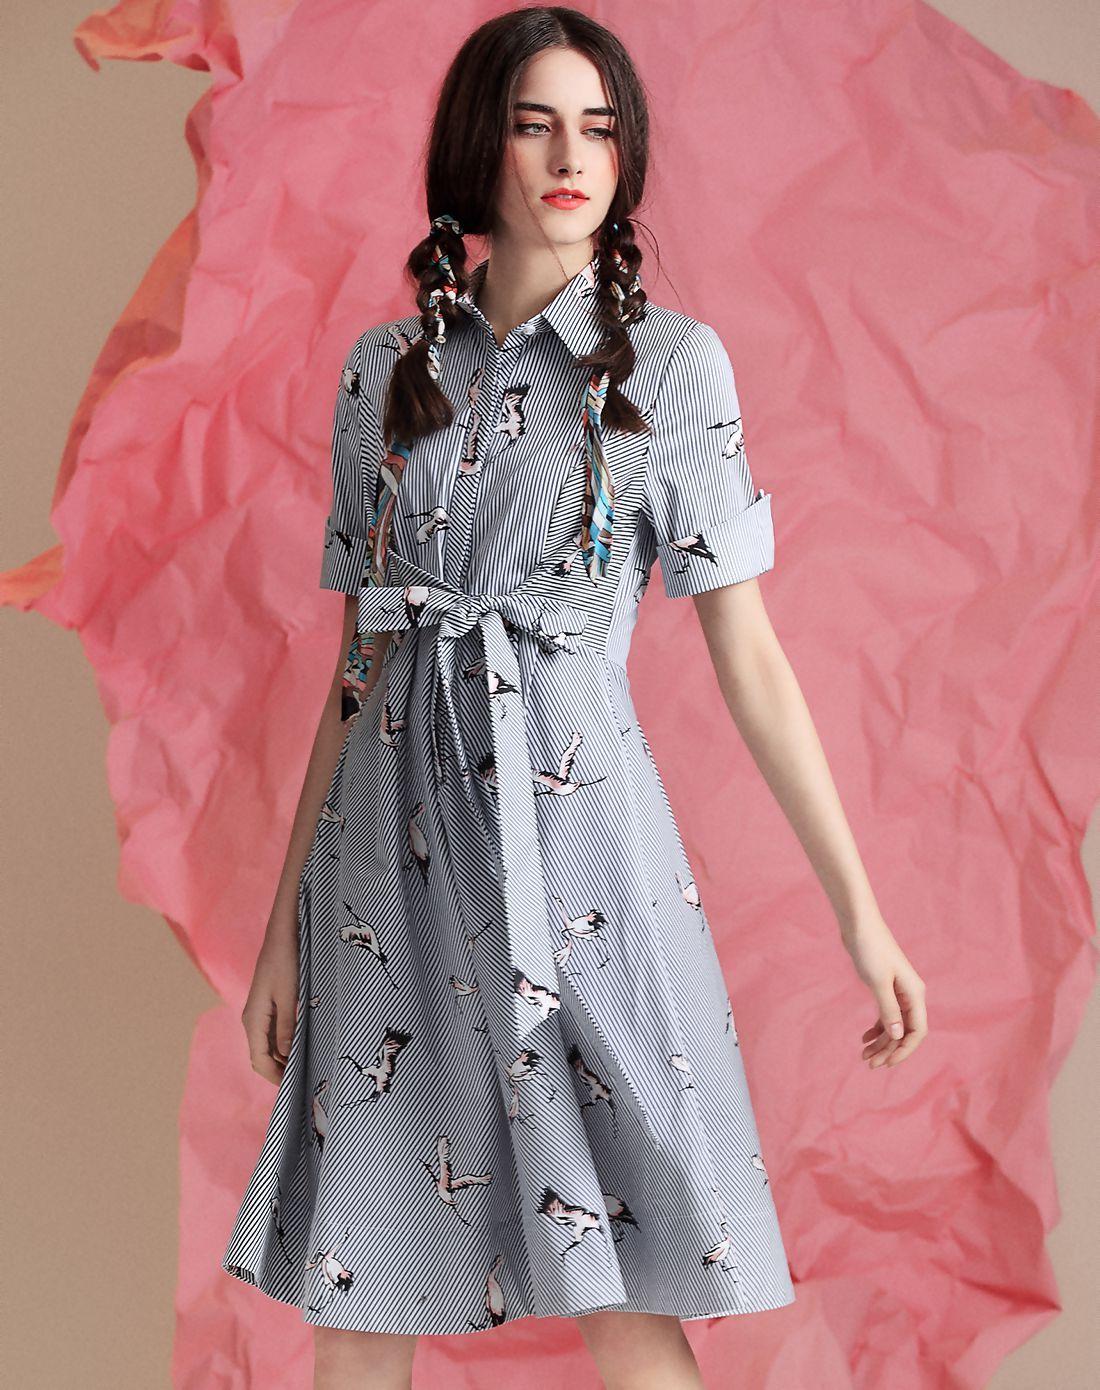 Adorewe vipme skater dressesdesigner yimei blue cotton printed